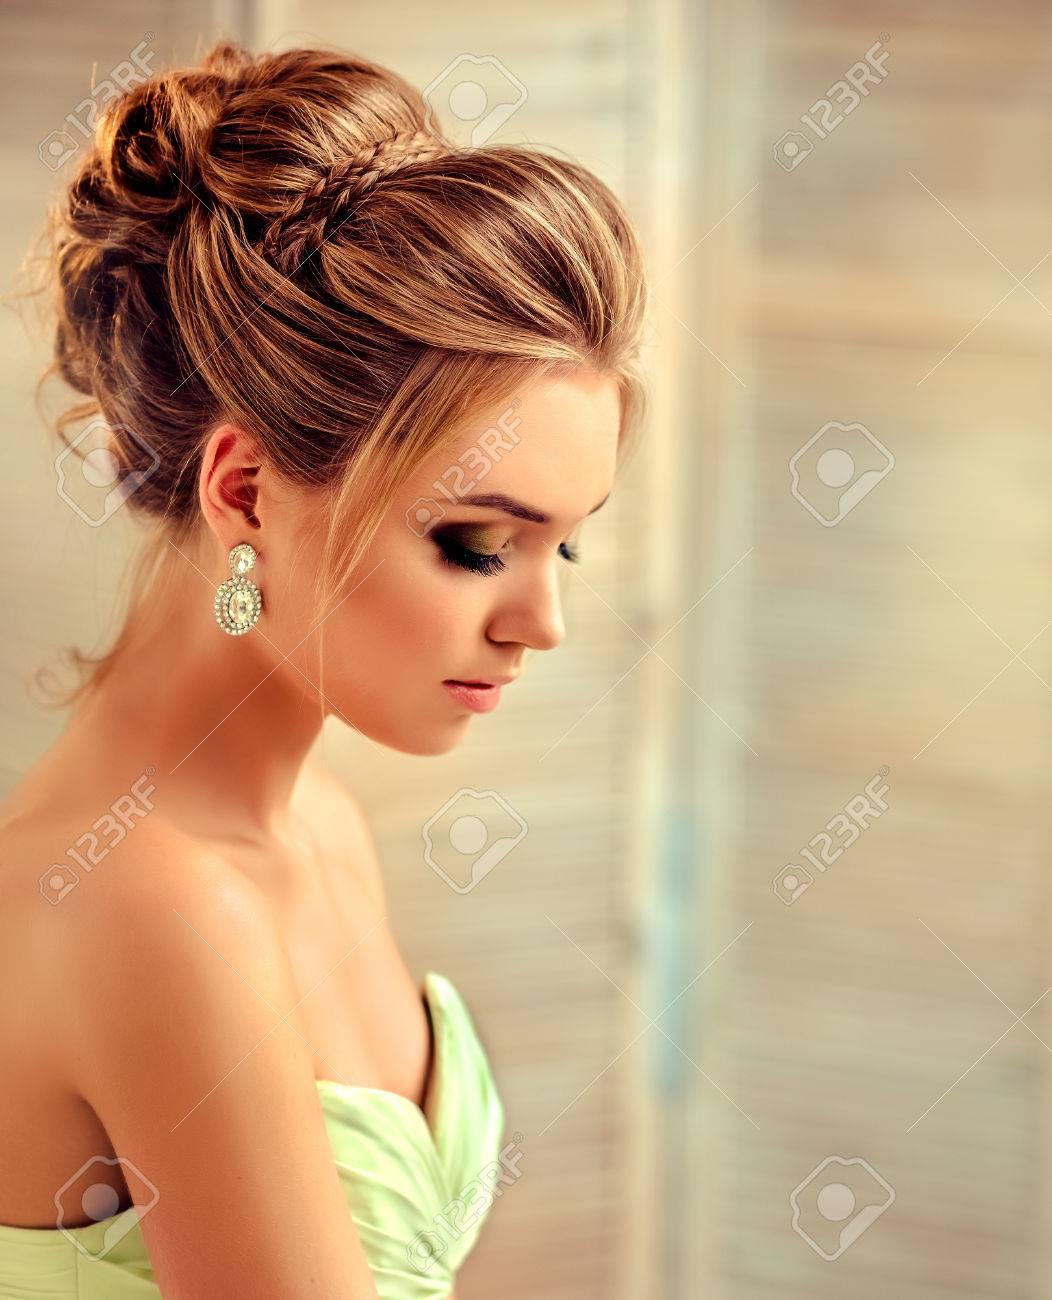 10 Leicht Frisuren Abendkleid Stylish13 Schön Frisuren Abendkleid Spezialgebiet